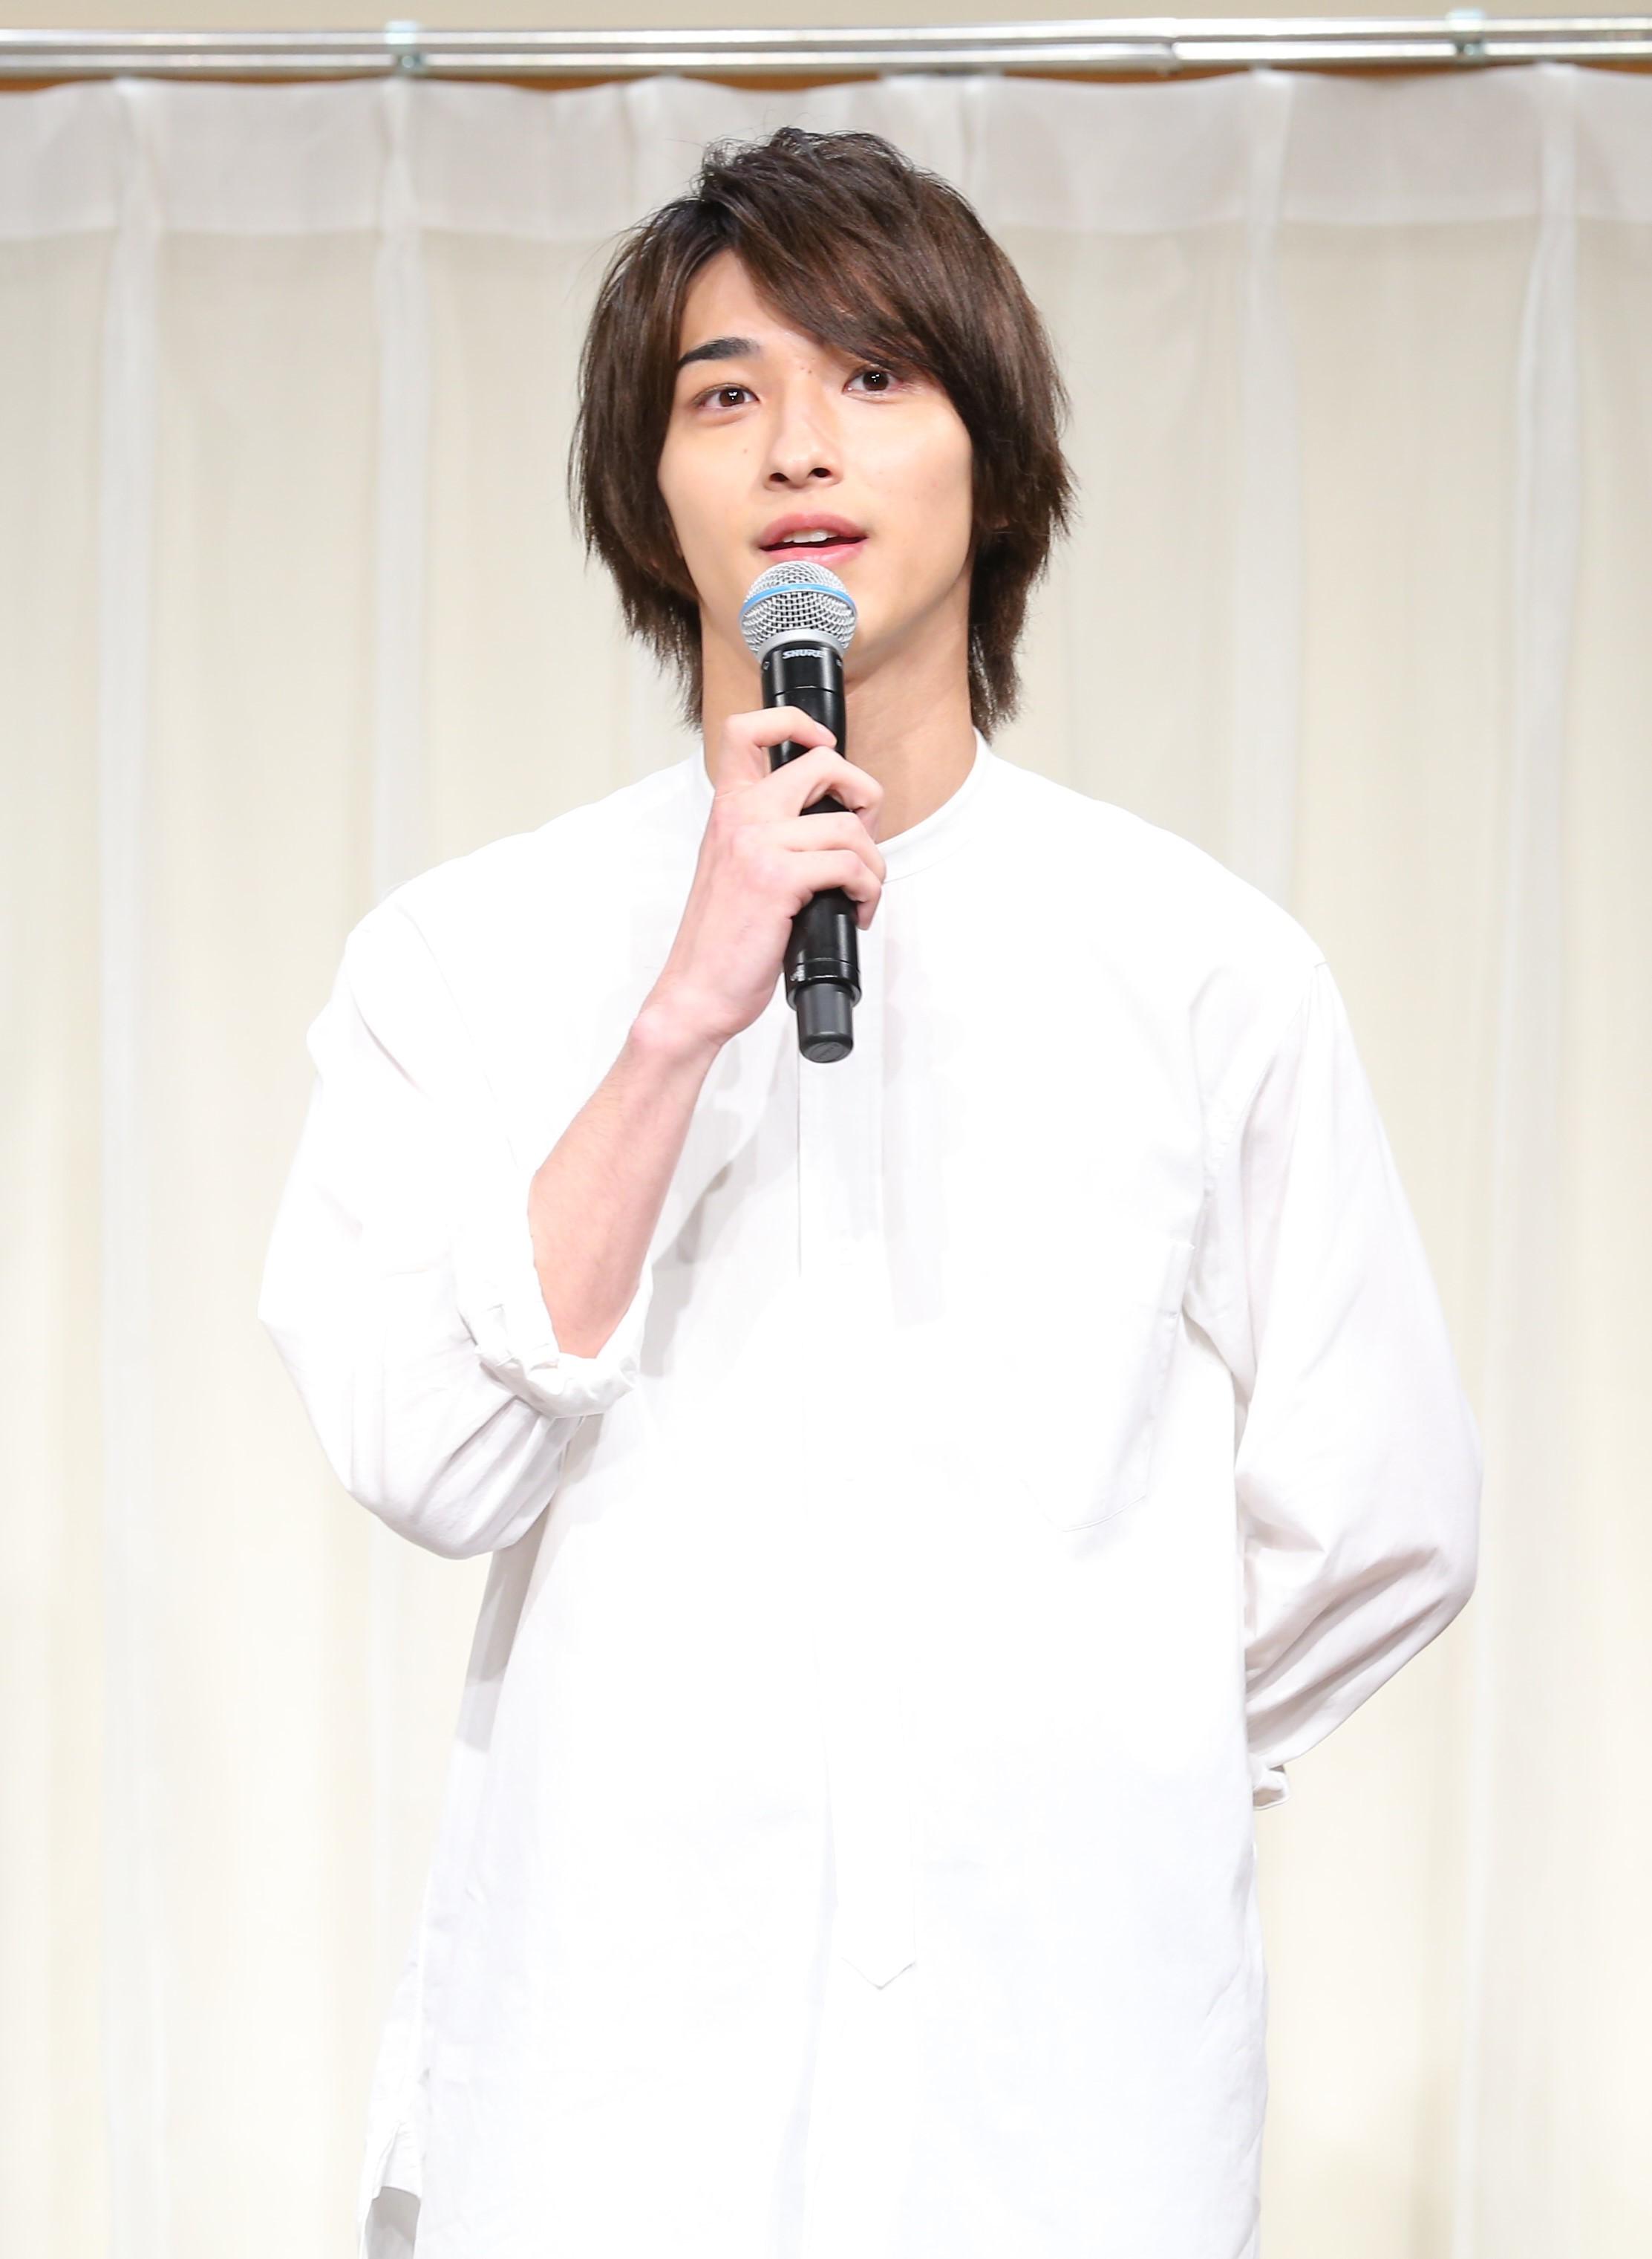 続いて、人気若手俳優の横浜流星さんが登場し、\u201dたおりゅう\u201cの彼氏役\u201dりゅうくん\u201cを務めることが発表されました。カップル役としてのアンバサダー就任ということも